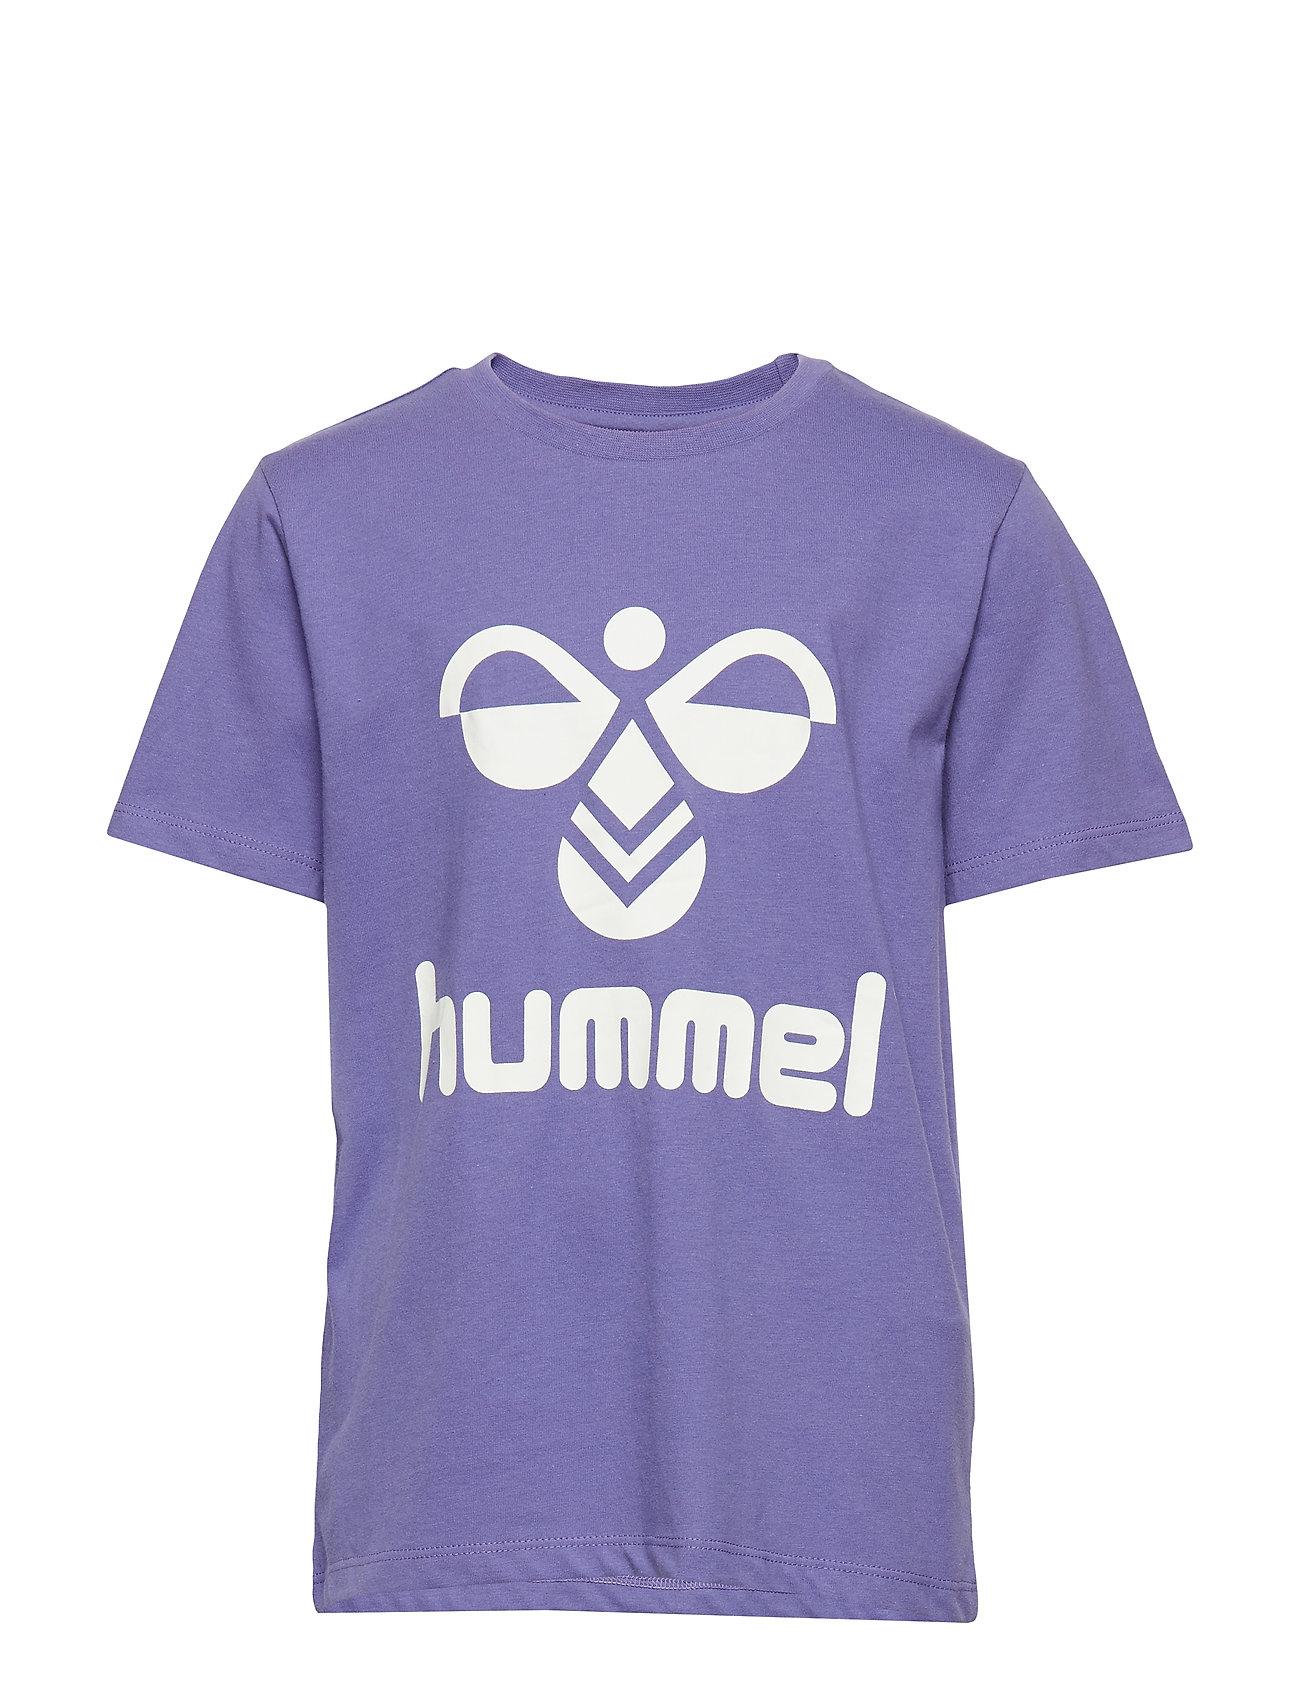 Hummel hmlTRES T-SHIRT S/S - CORSICAN BLUE